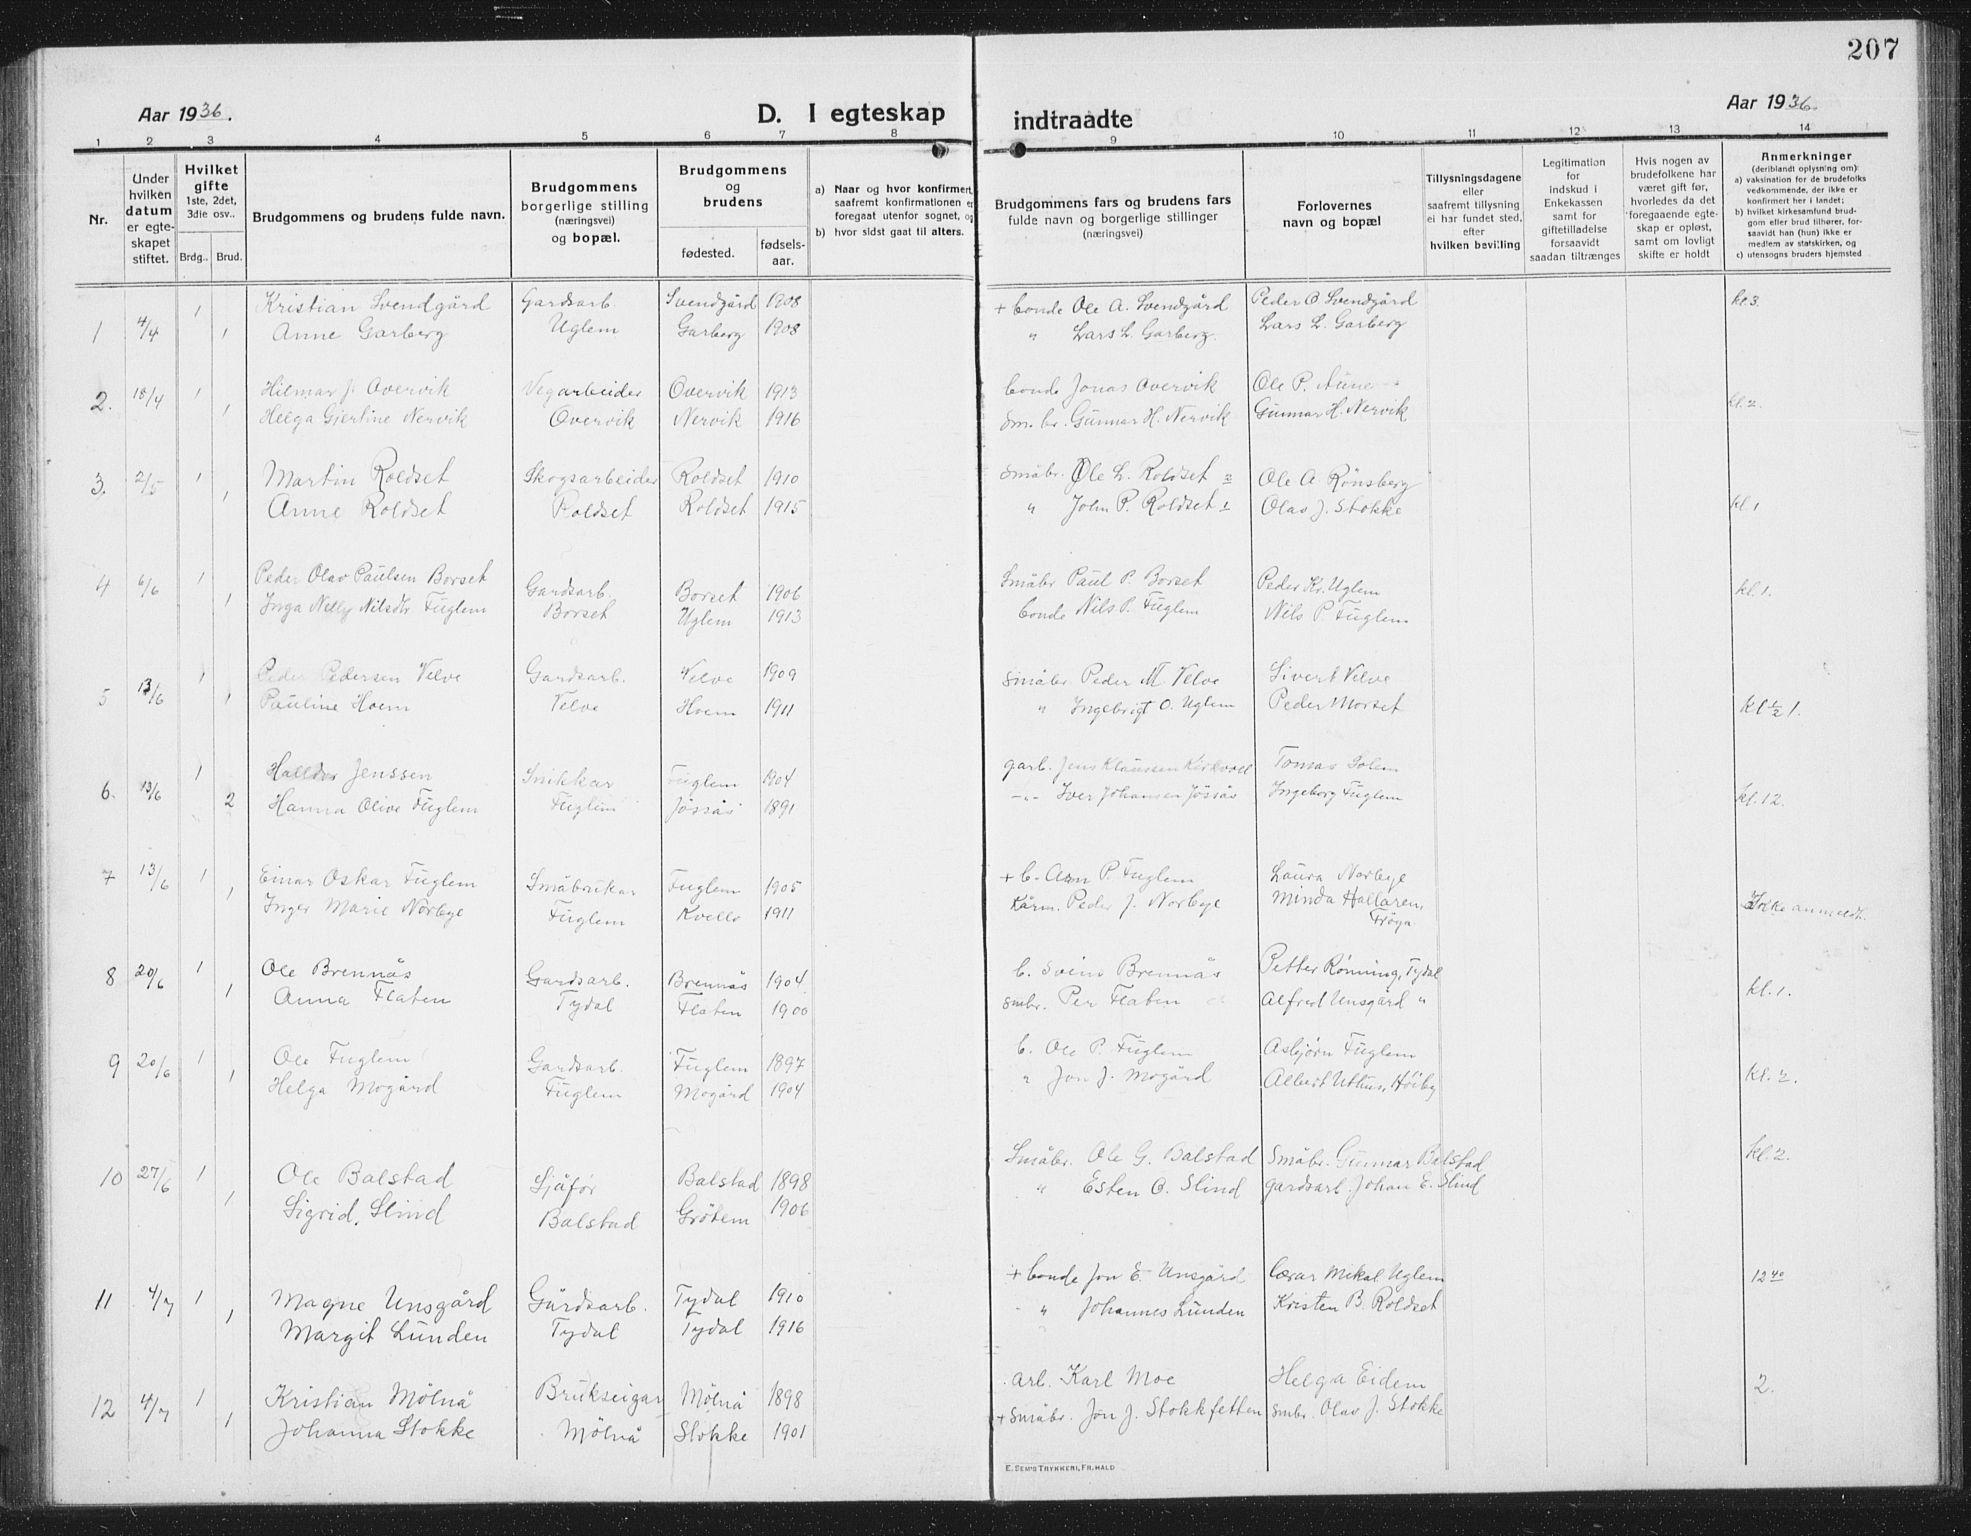 SAT, Ministerialprotokoller, klokkerbøker og fødselsregistre - Sør-Trøndelag, 695/L1158: Klokkerbok nr. 695C09, 1913-1940, s. 207